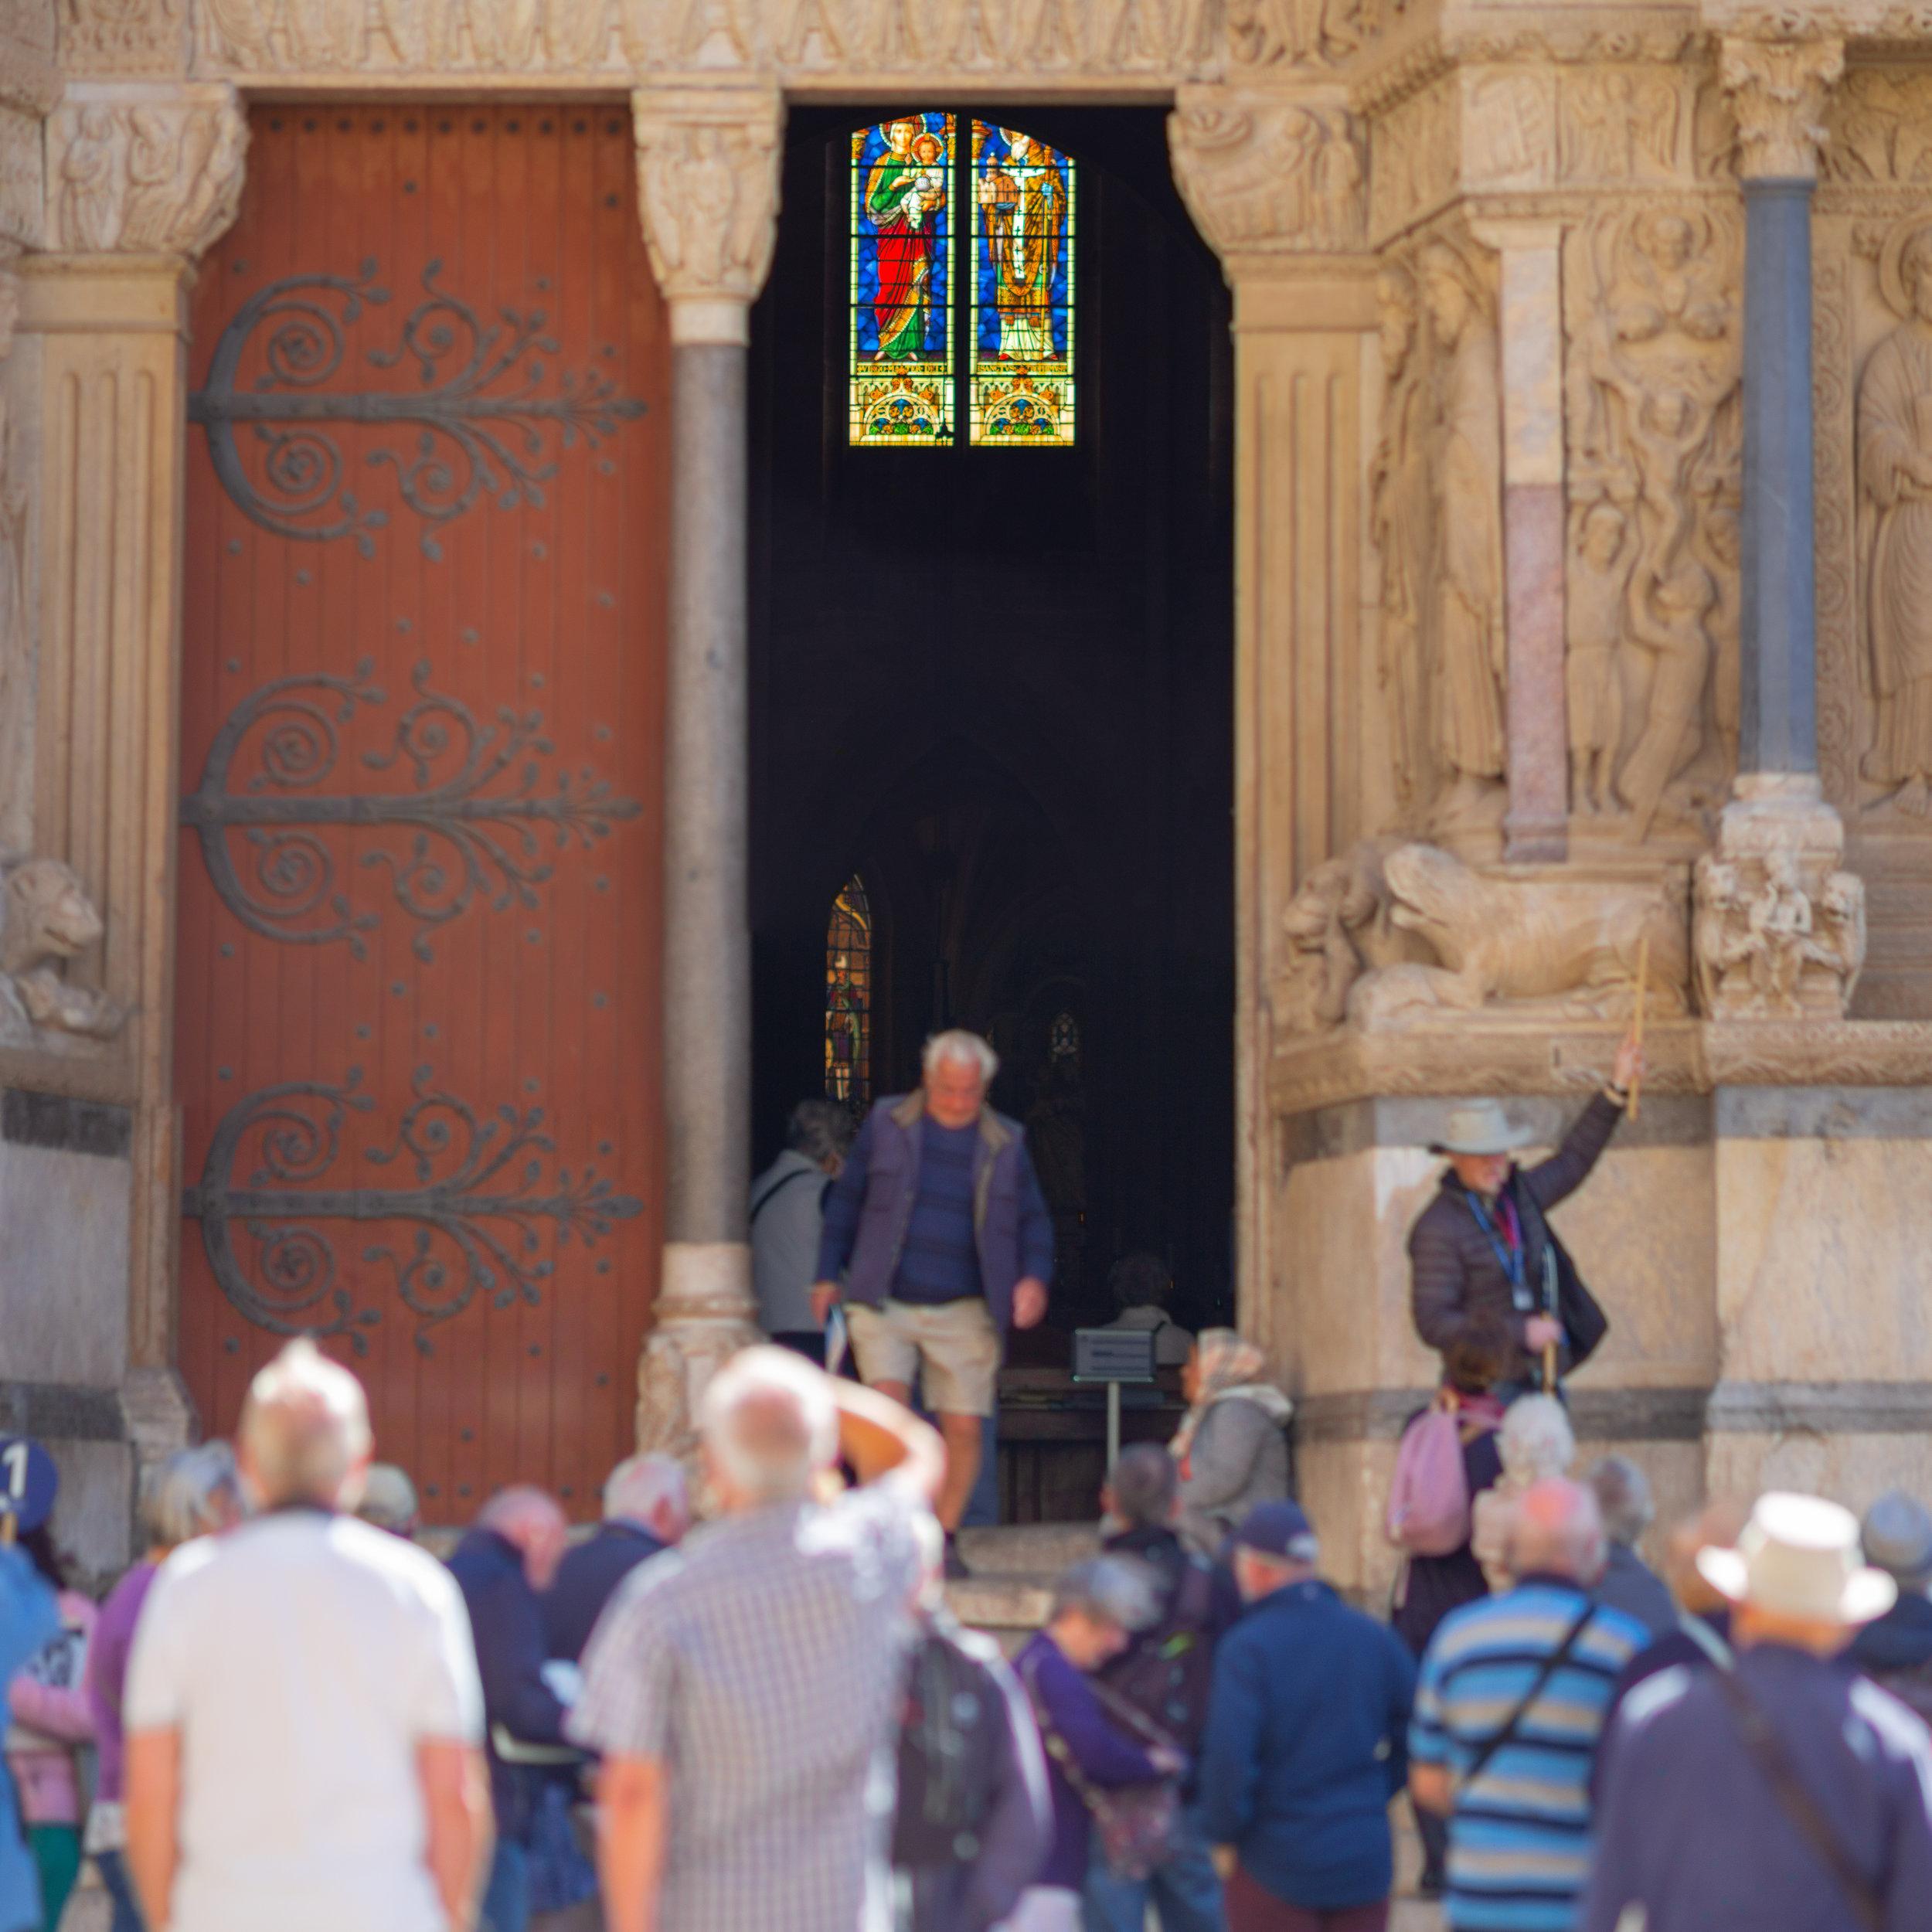 Tourists, Église Saint Trophime, Arles